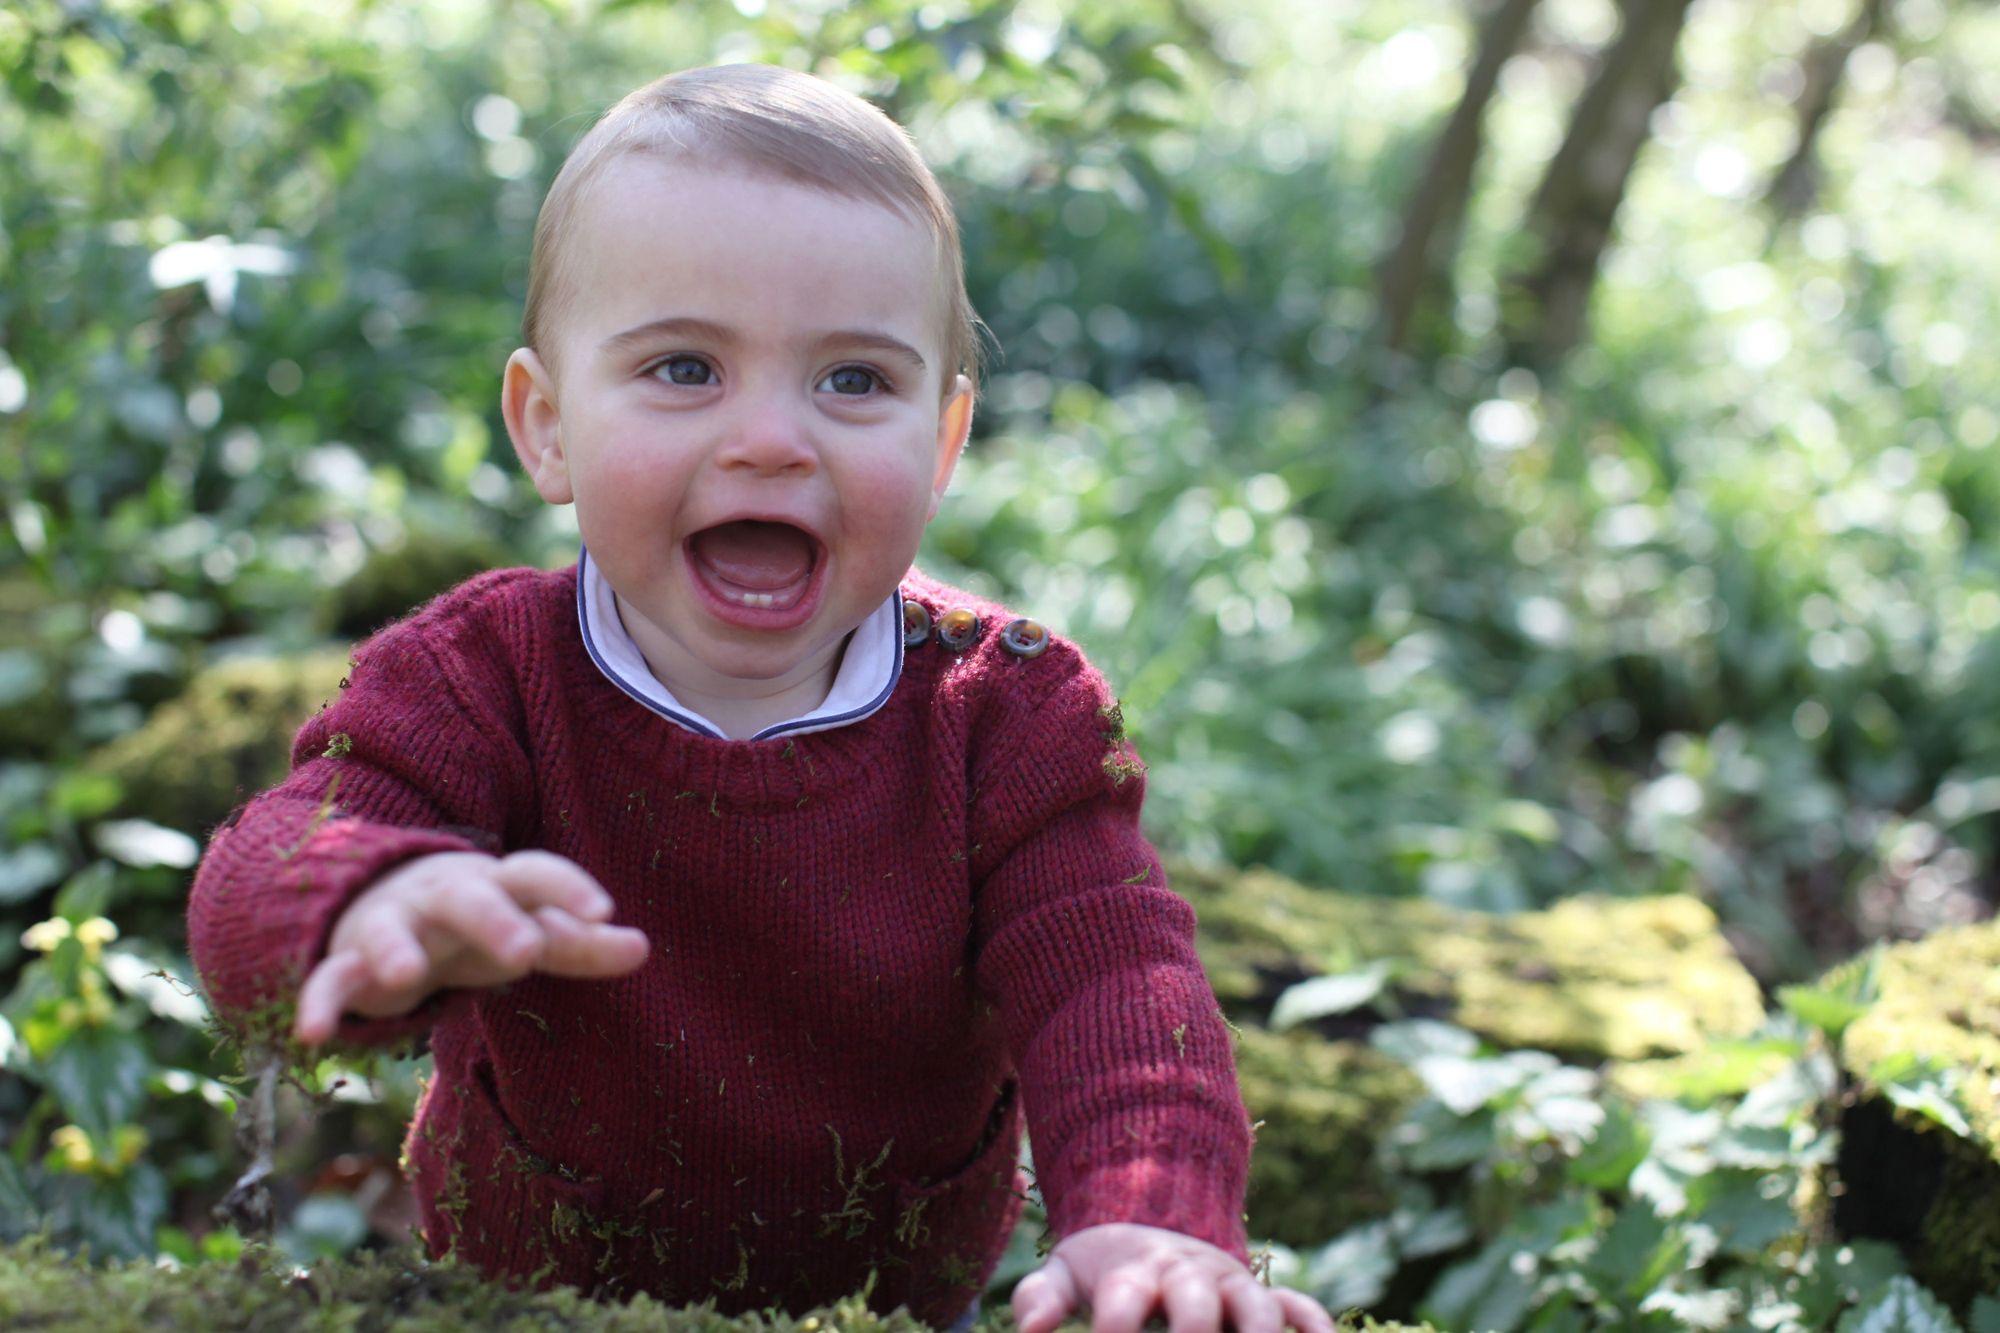 Princ Louis slavi prvi rođendan i za tu prigodu mama Kate ga je fotografirala: Pogledajte fotke!